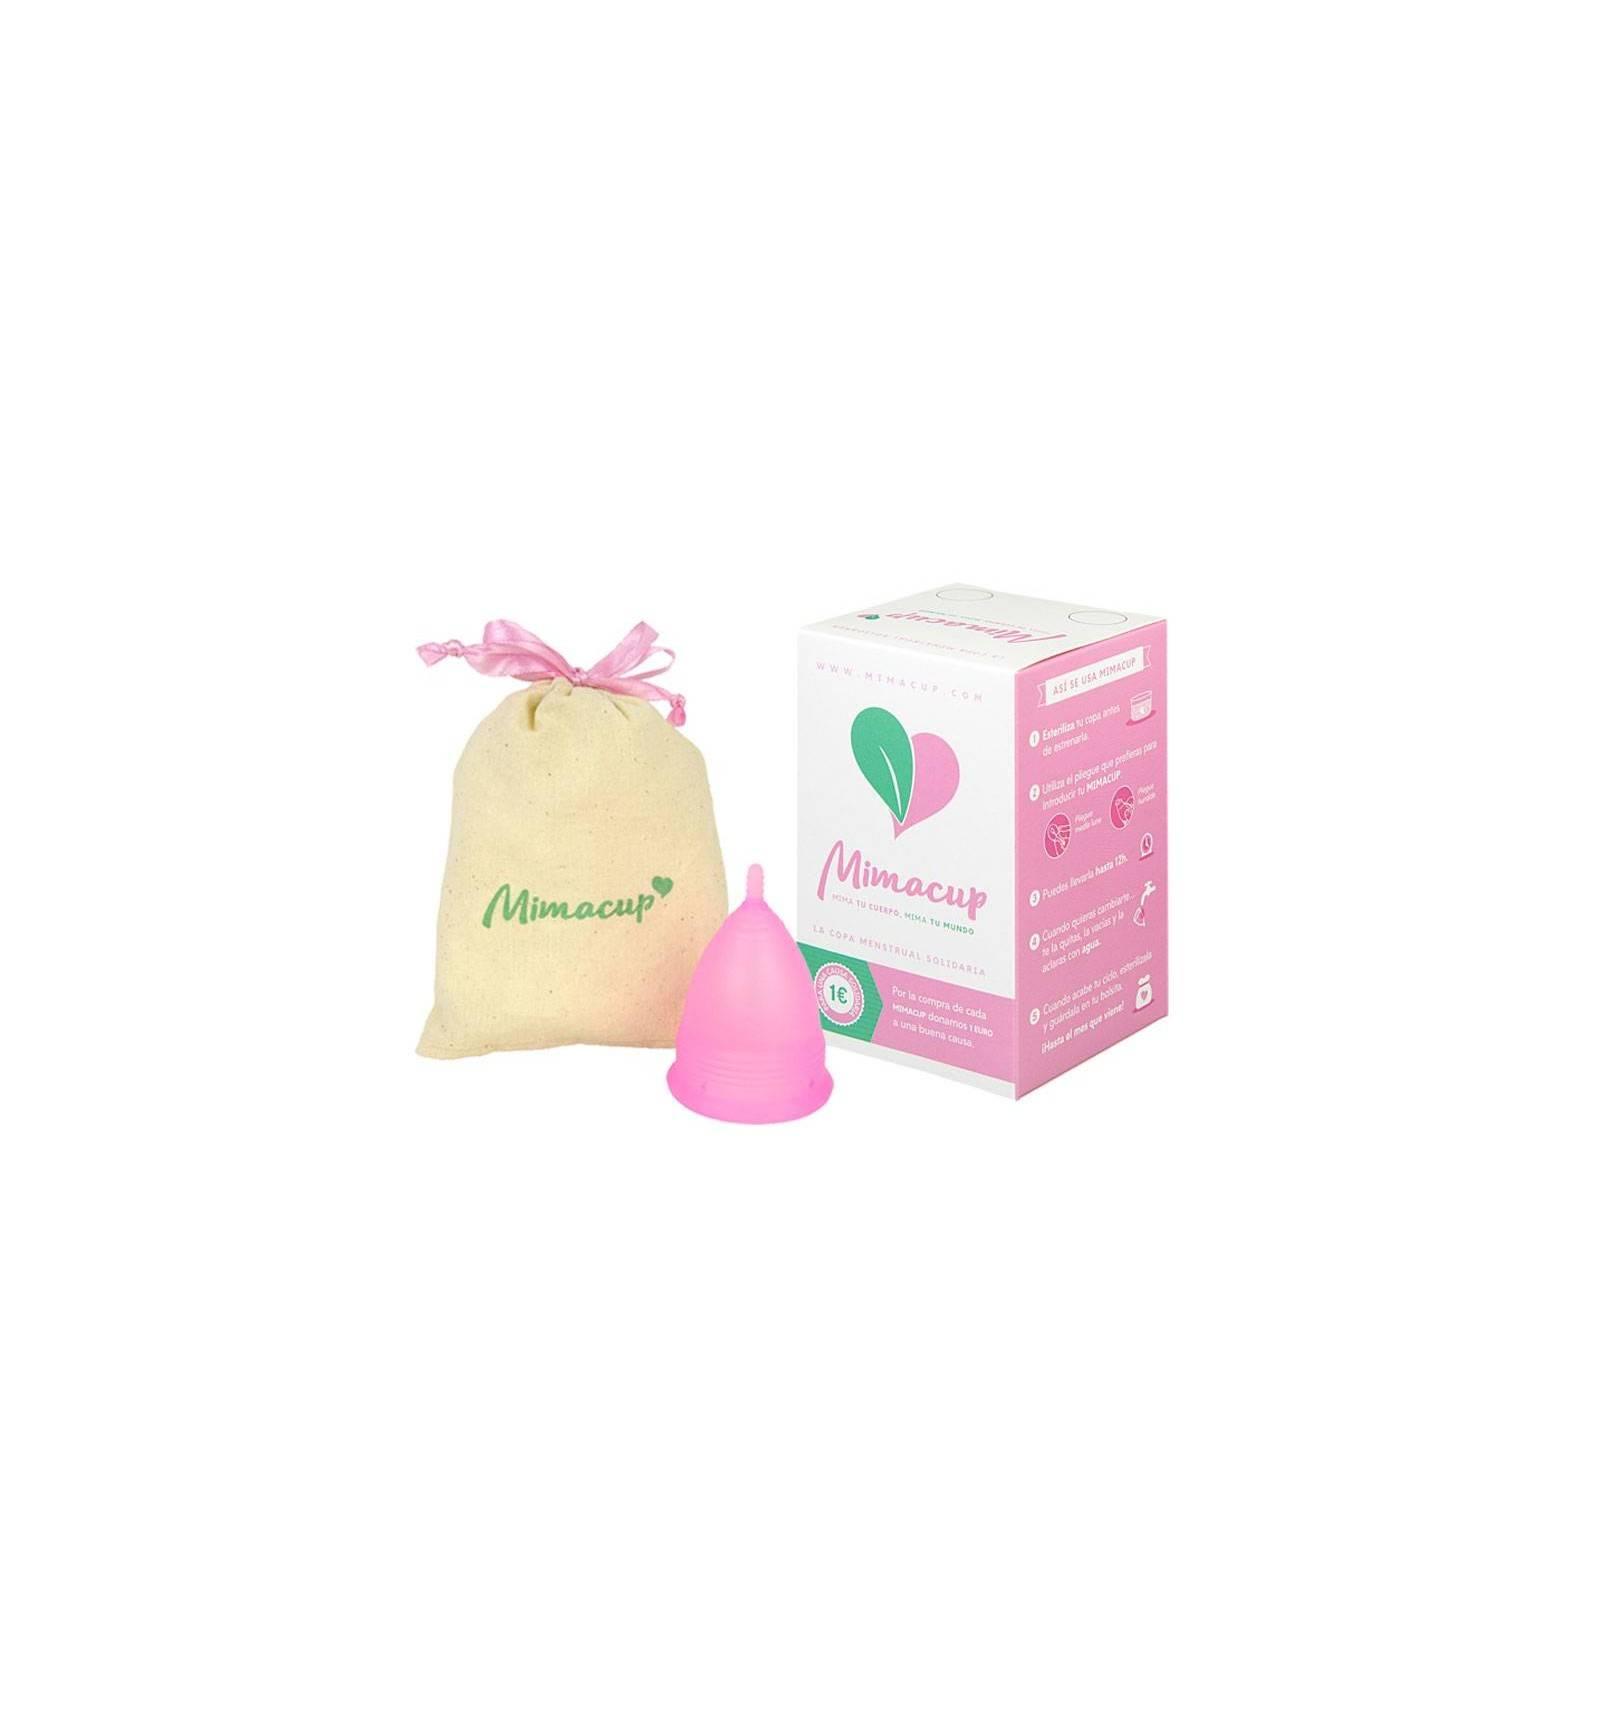 mejor copa menstrual calidad precio